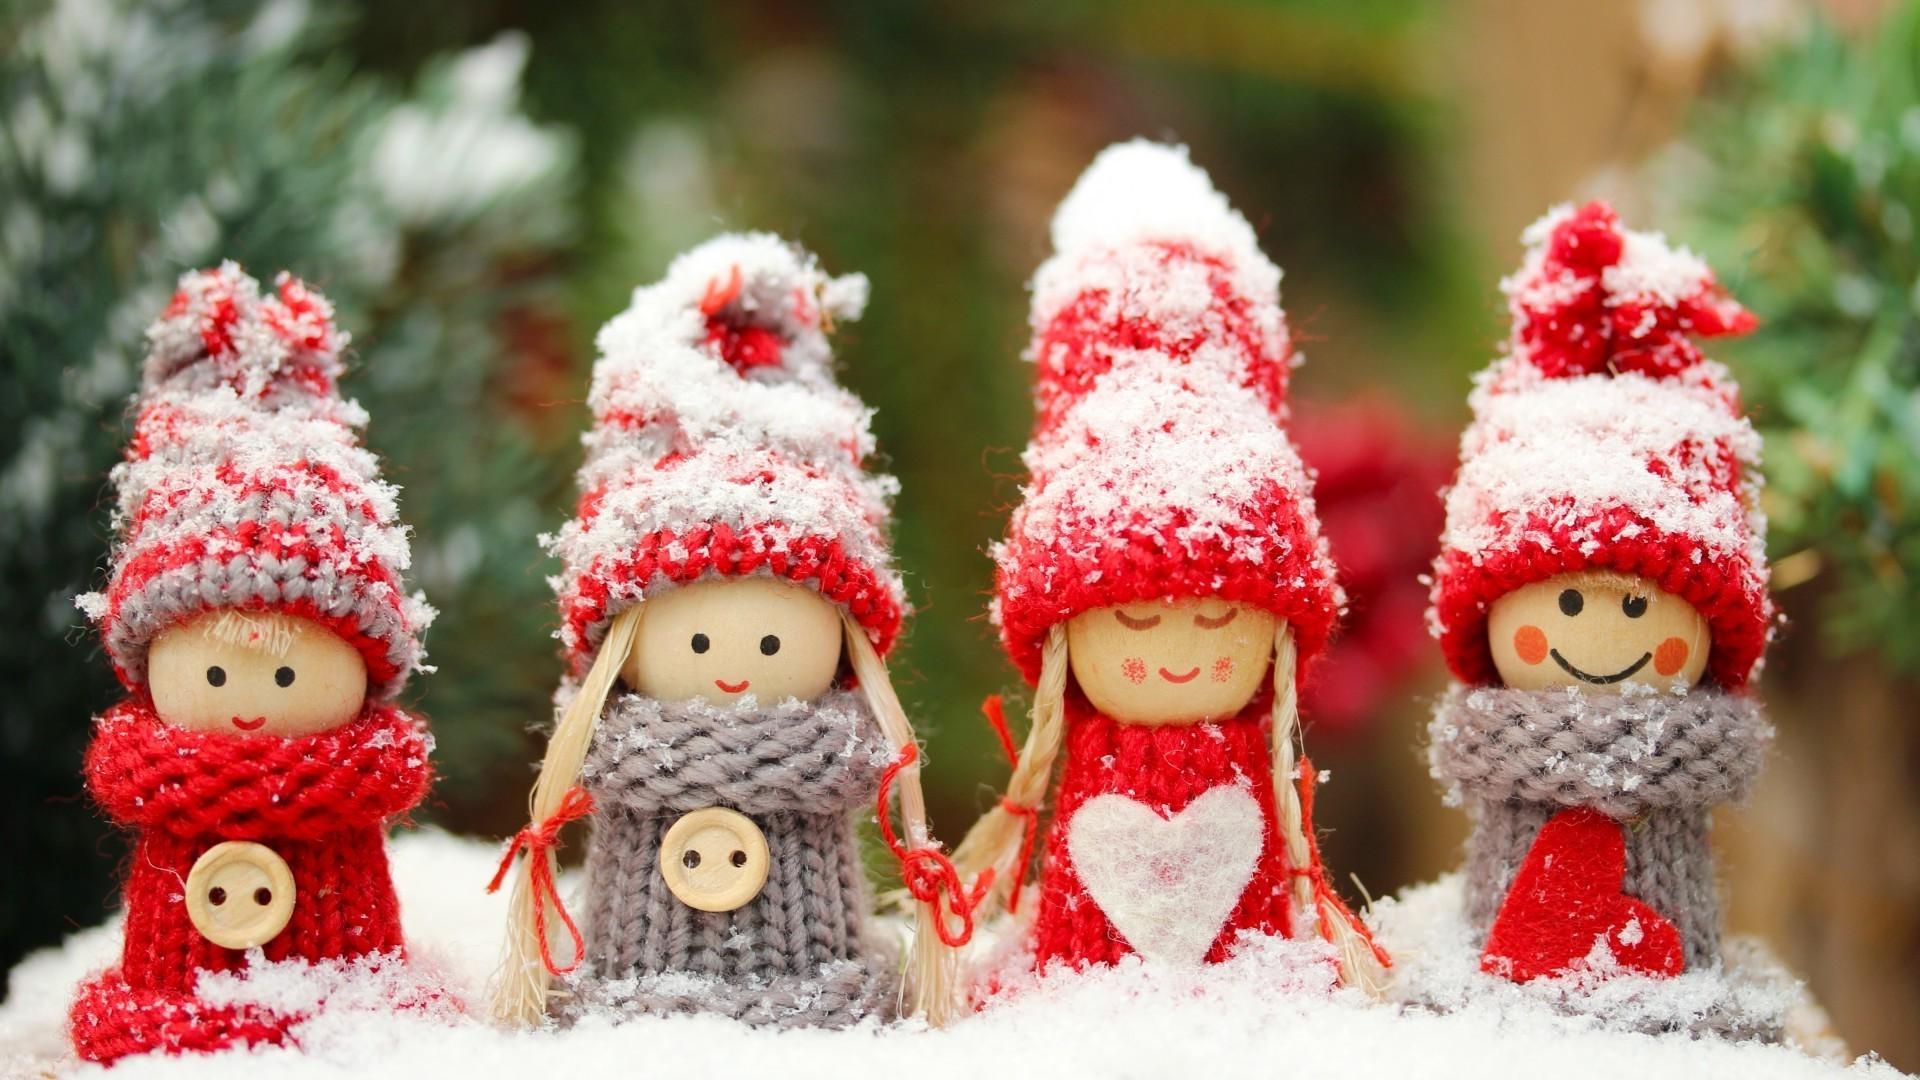 Картинки на рабочий стол веселые зима